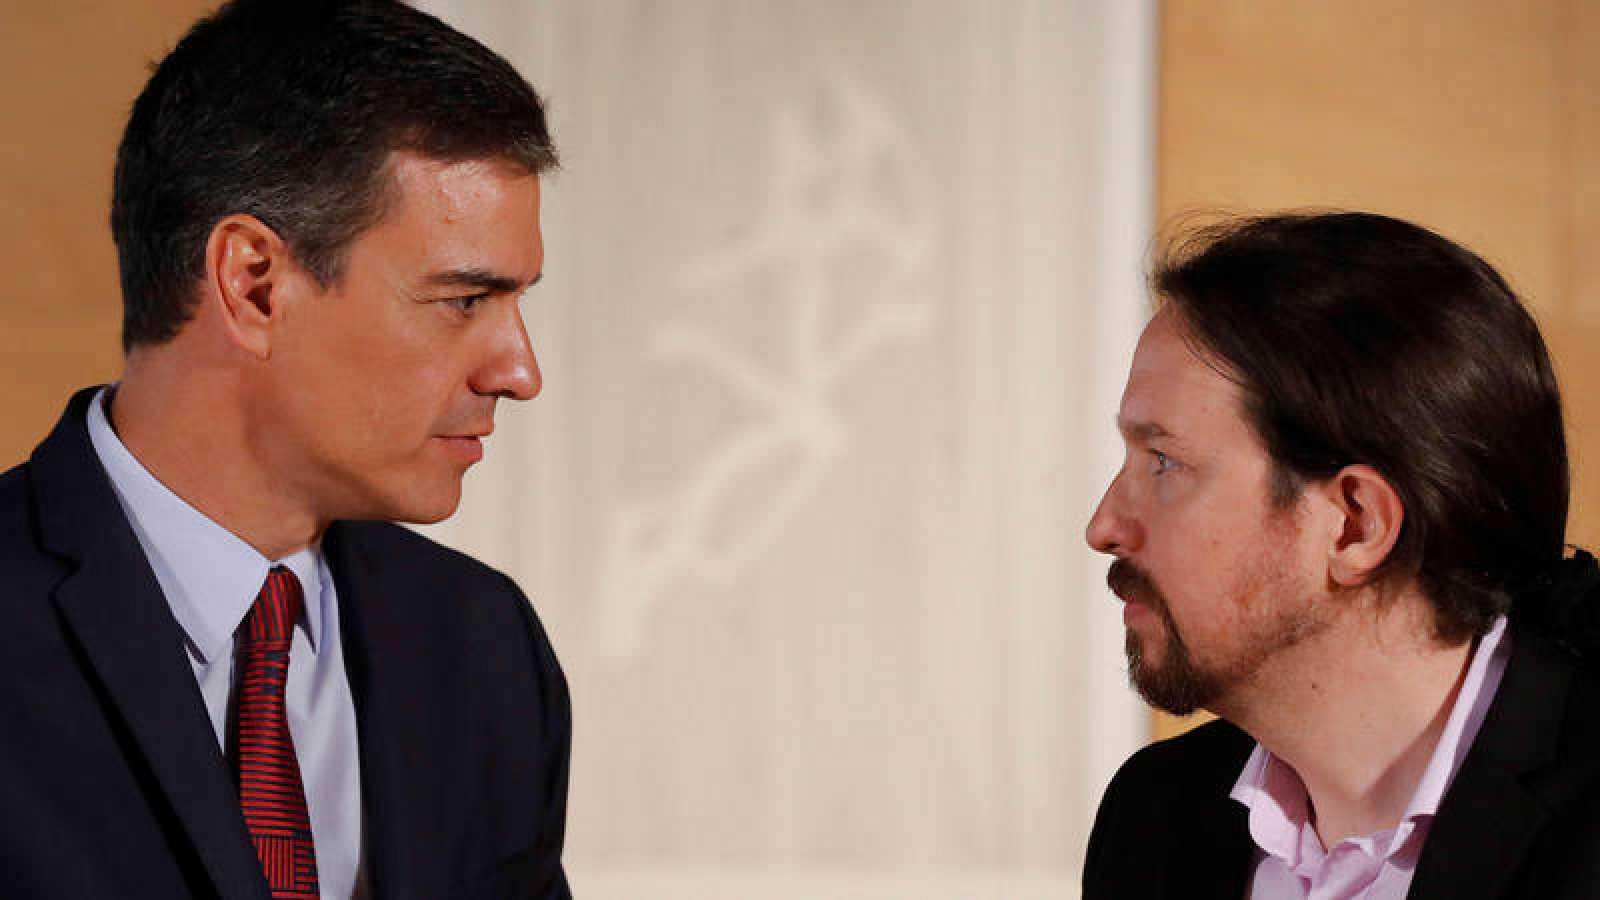 Pedro Sánchez y PabloIglesias, en la reunión que mantuvieron el pasado 9 de julio en el Congreso